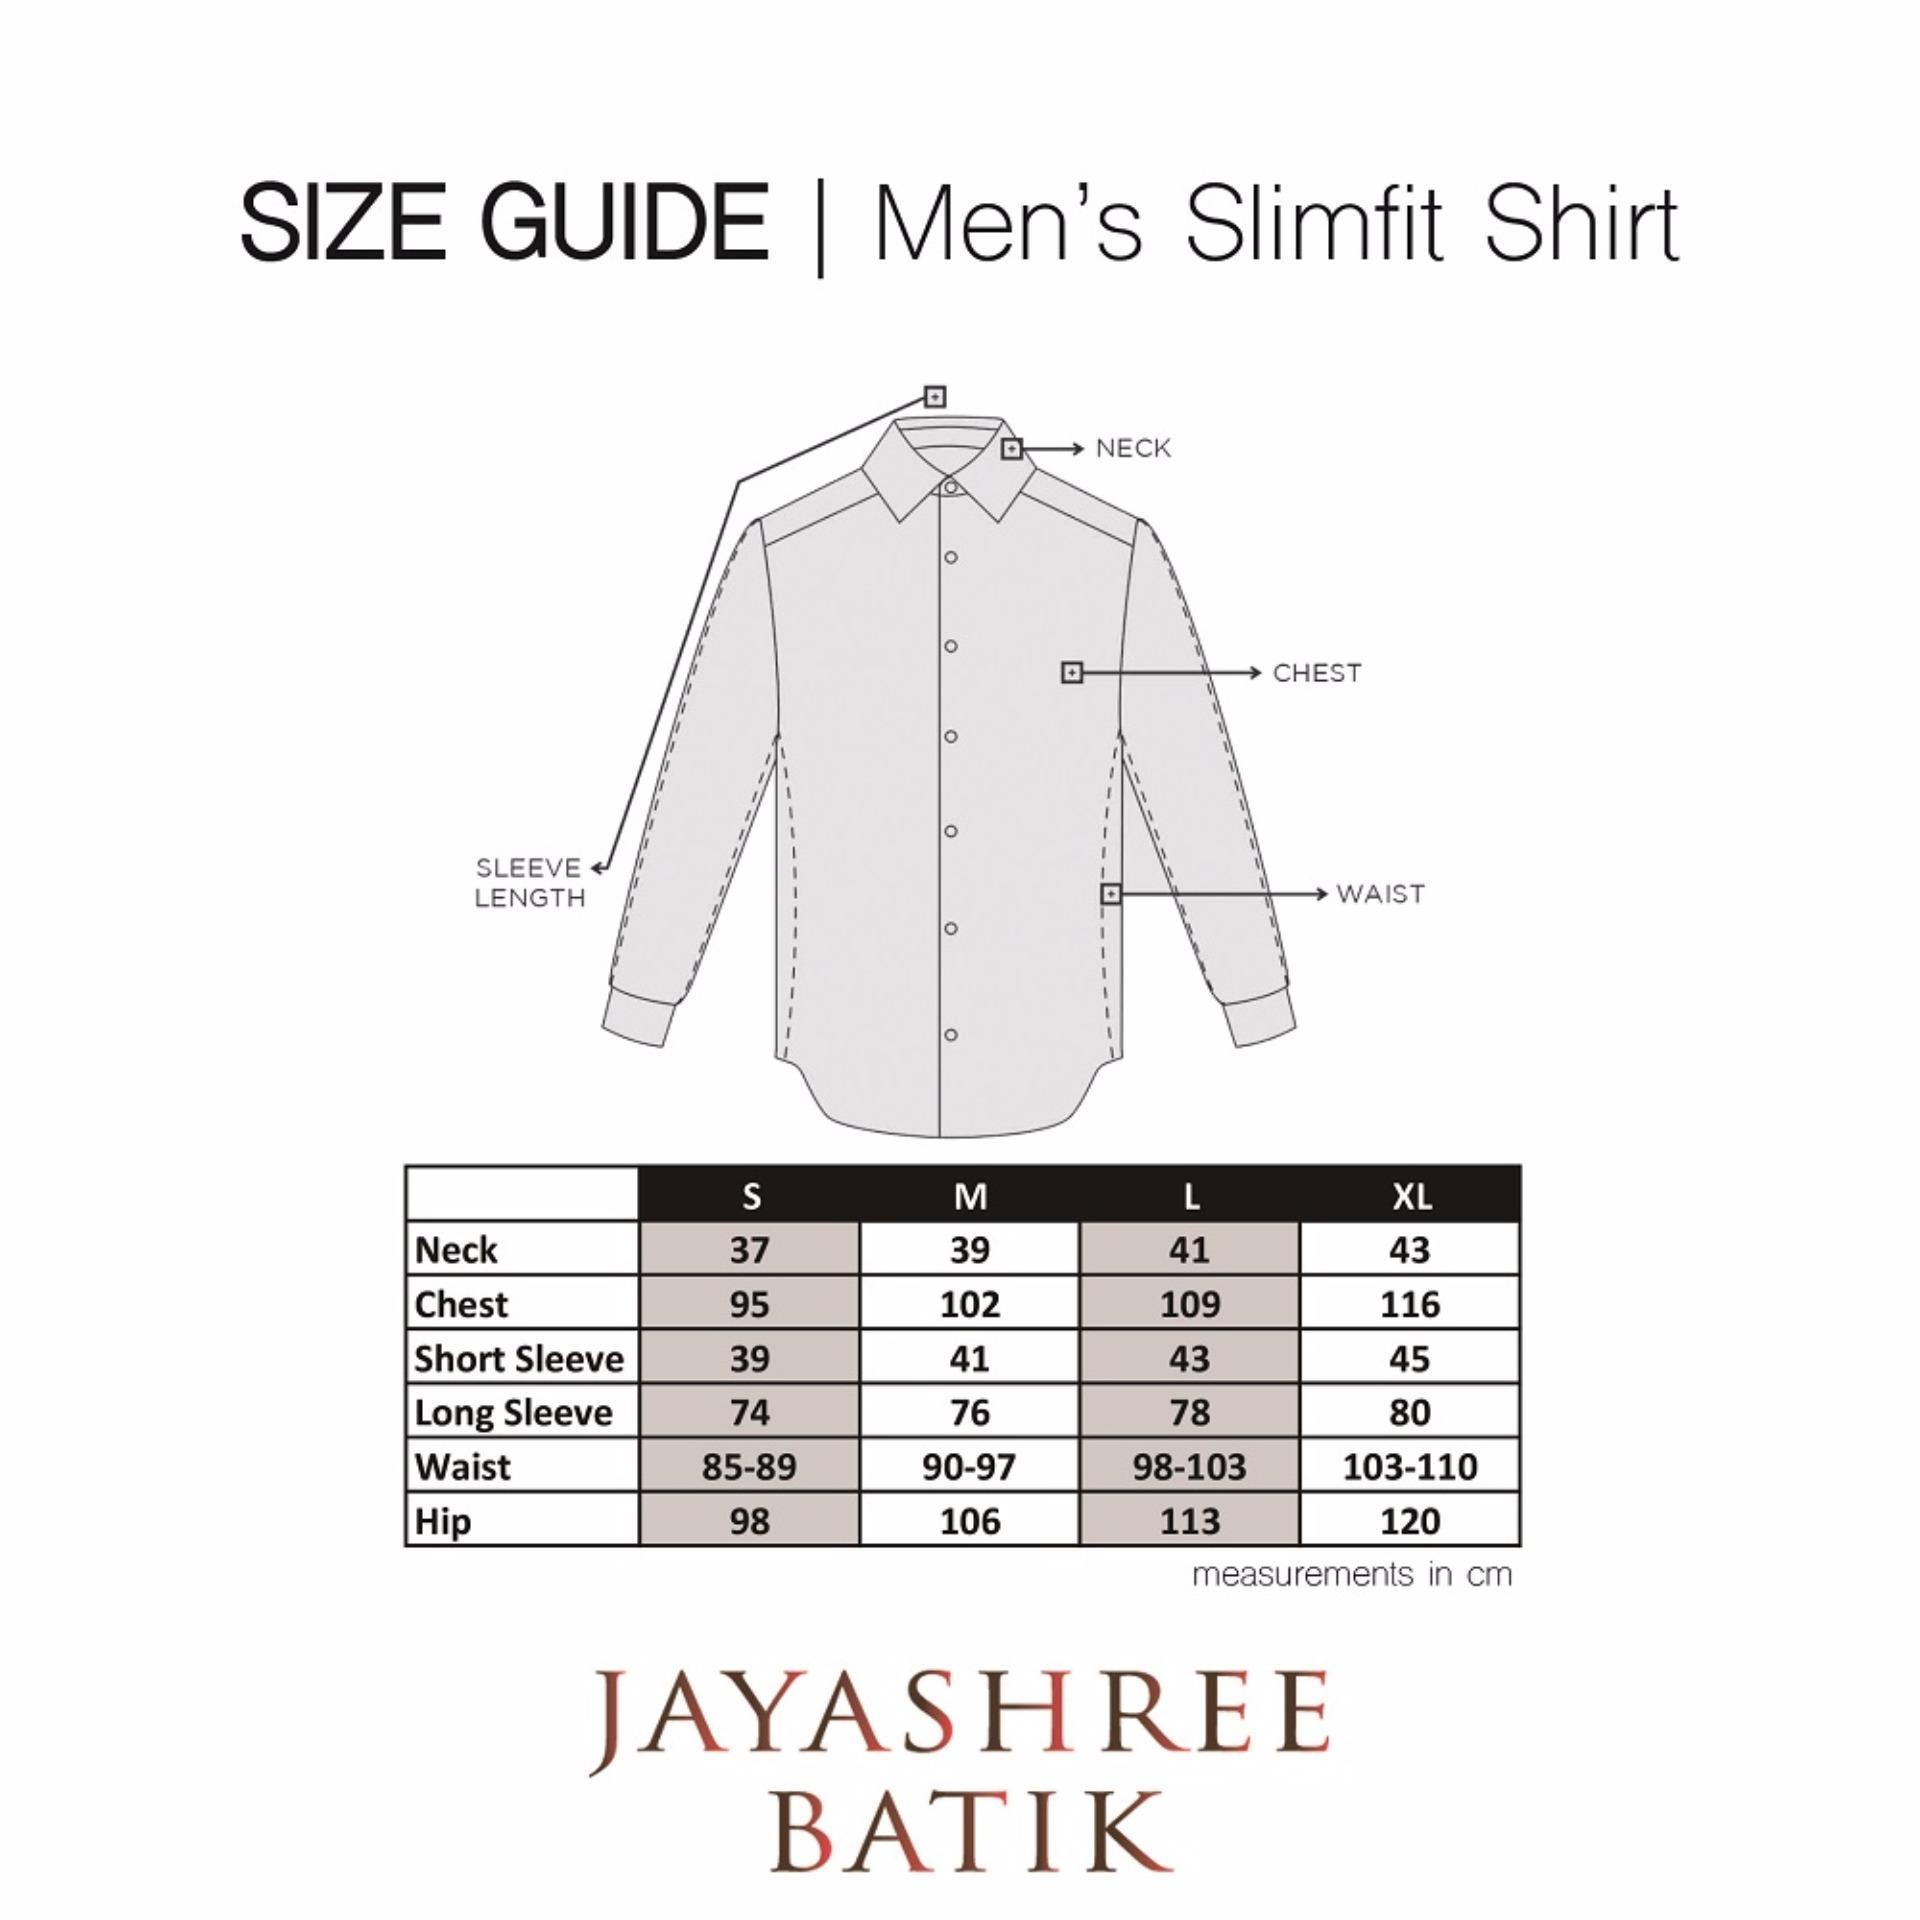 Jayashree Batik Kemeja Slimfit Padma Brown Long Sleeve Men Daftar Rafa Short Pria Hitam S Naraya Teal Shortsleeve